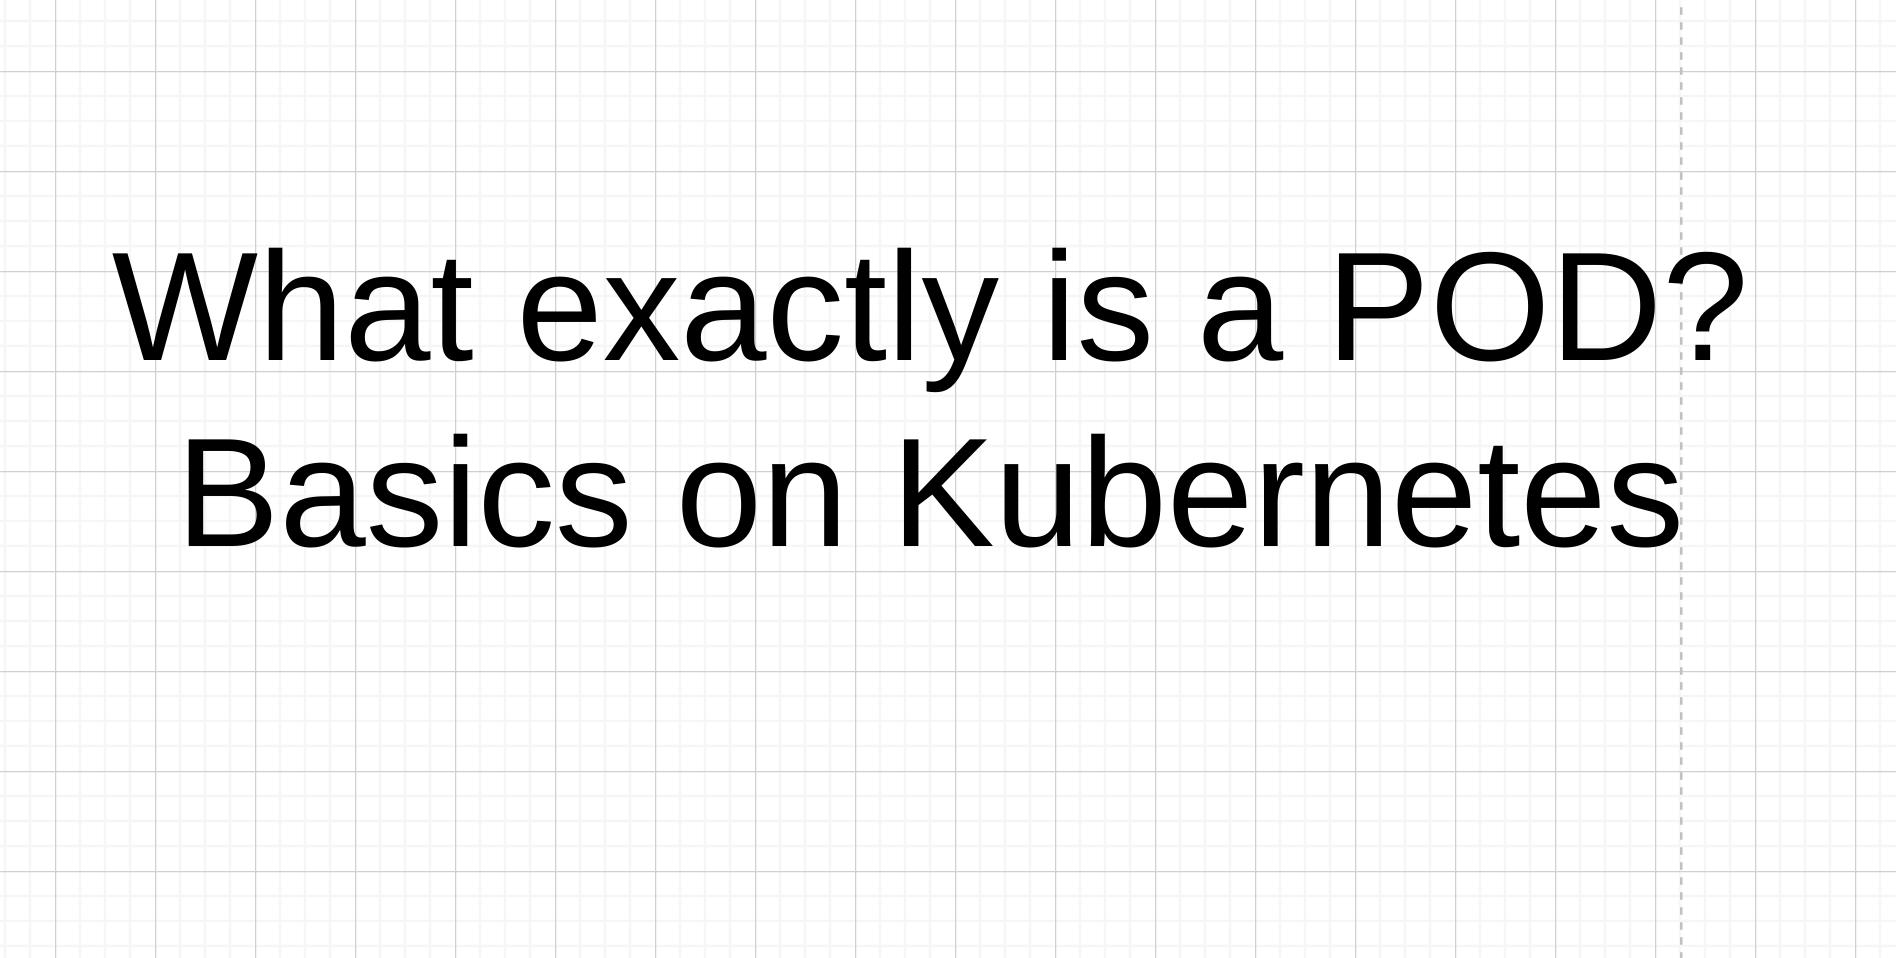 What exactly is a POD? Basics on Kubernetes